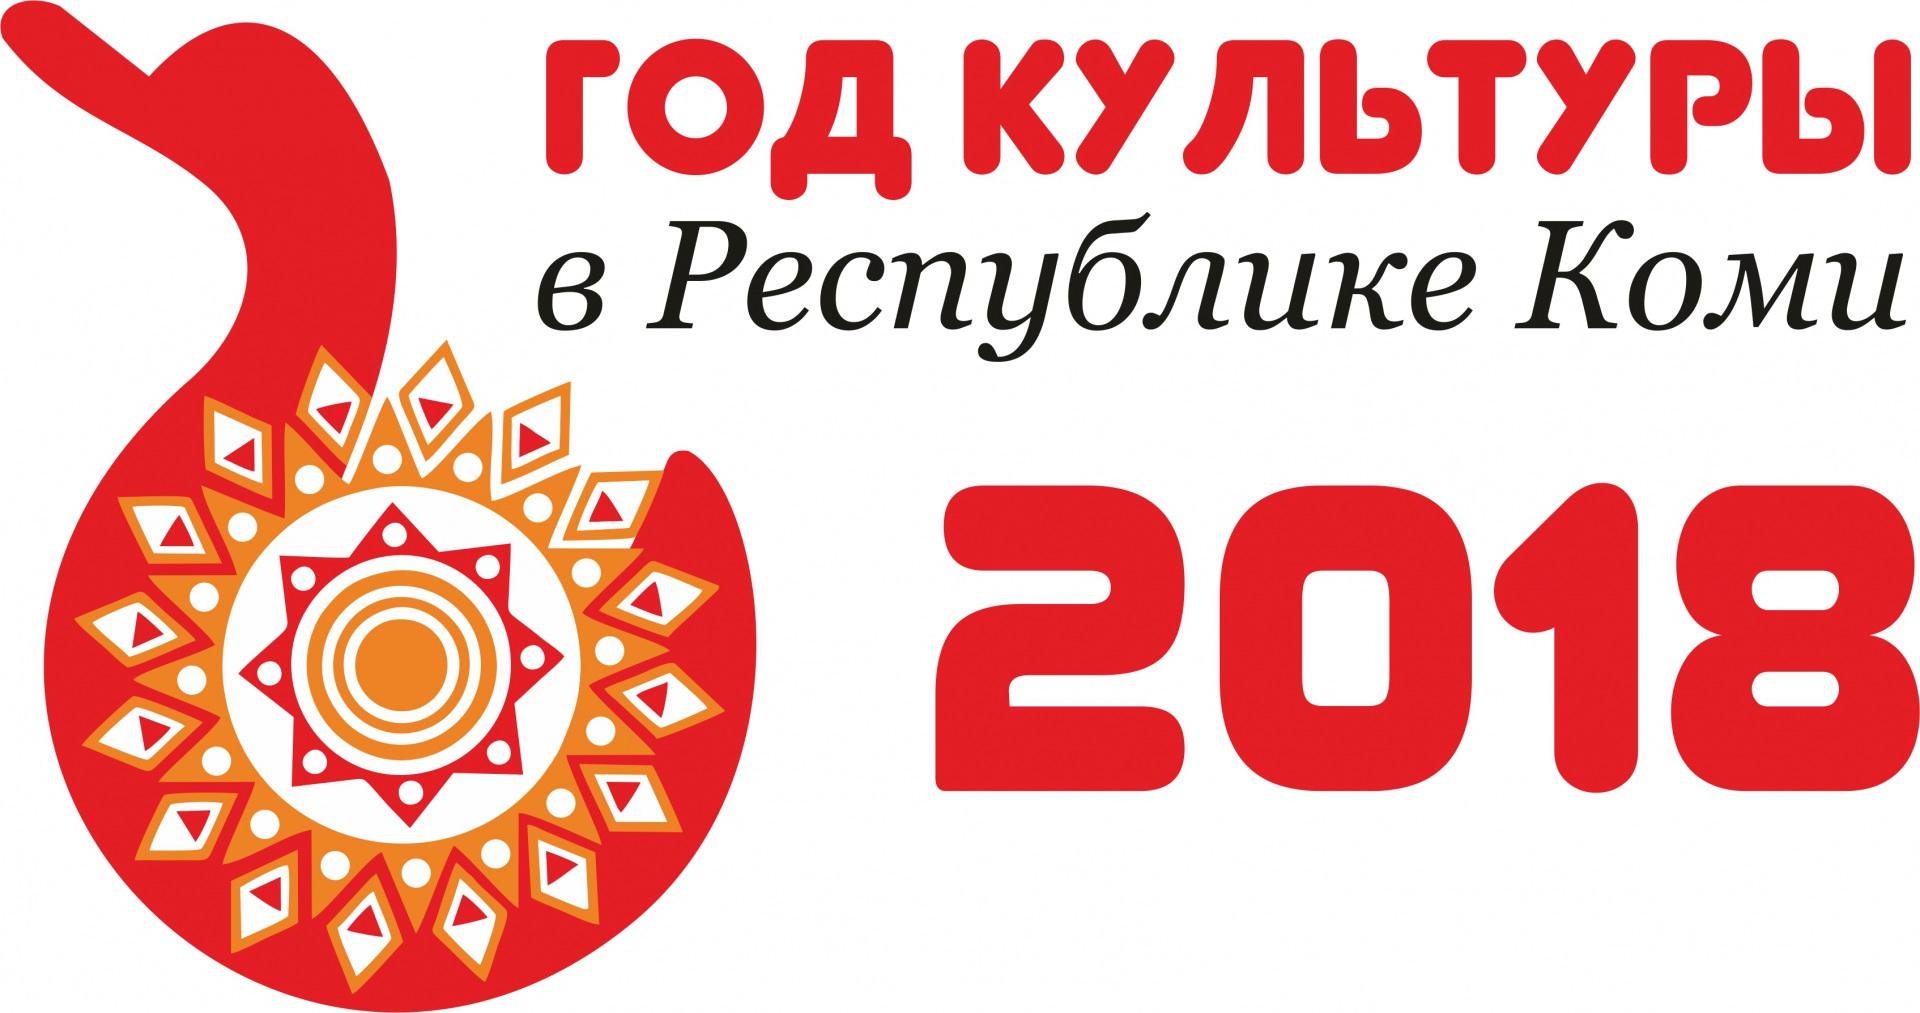 Logotip-varianty-1.jpg